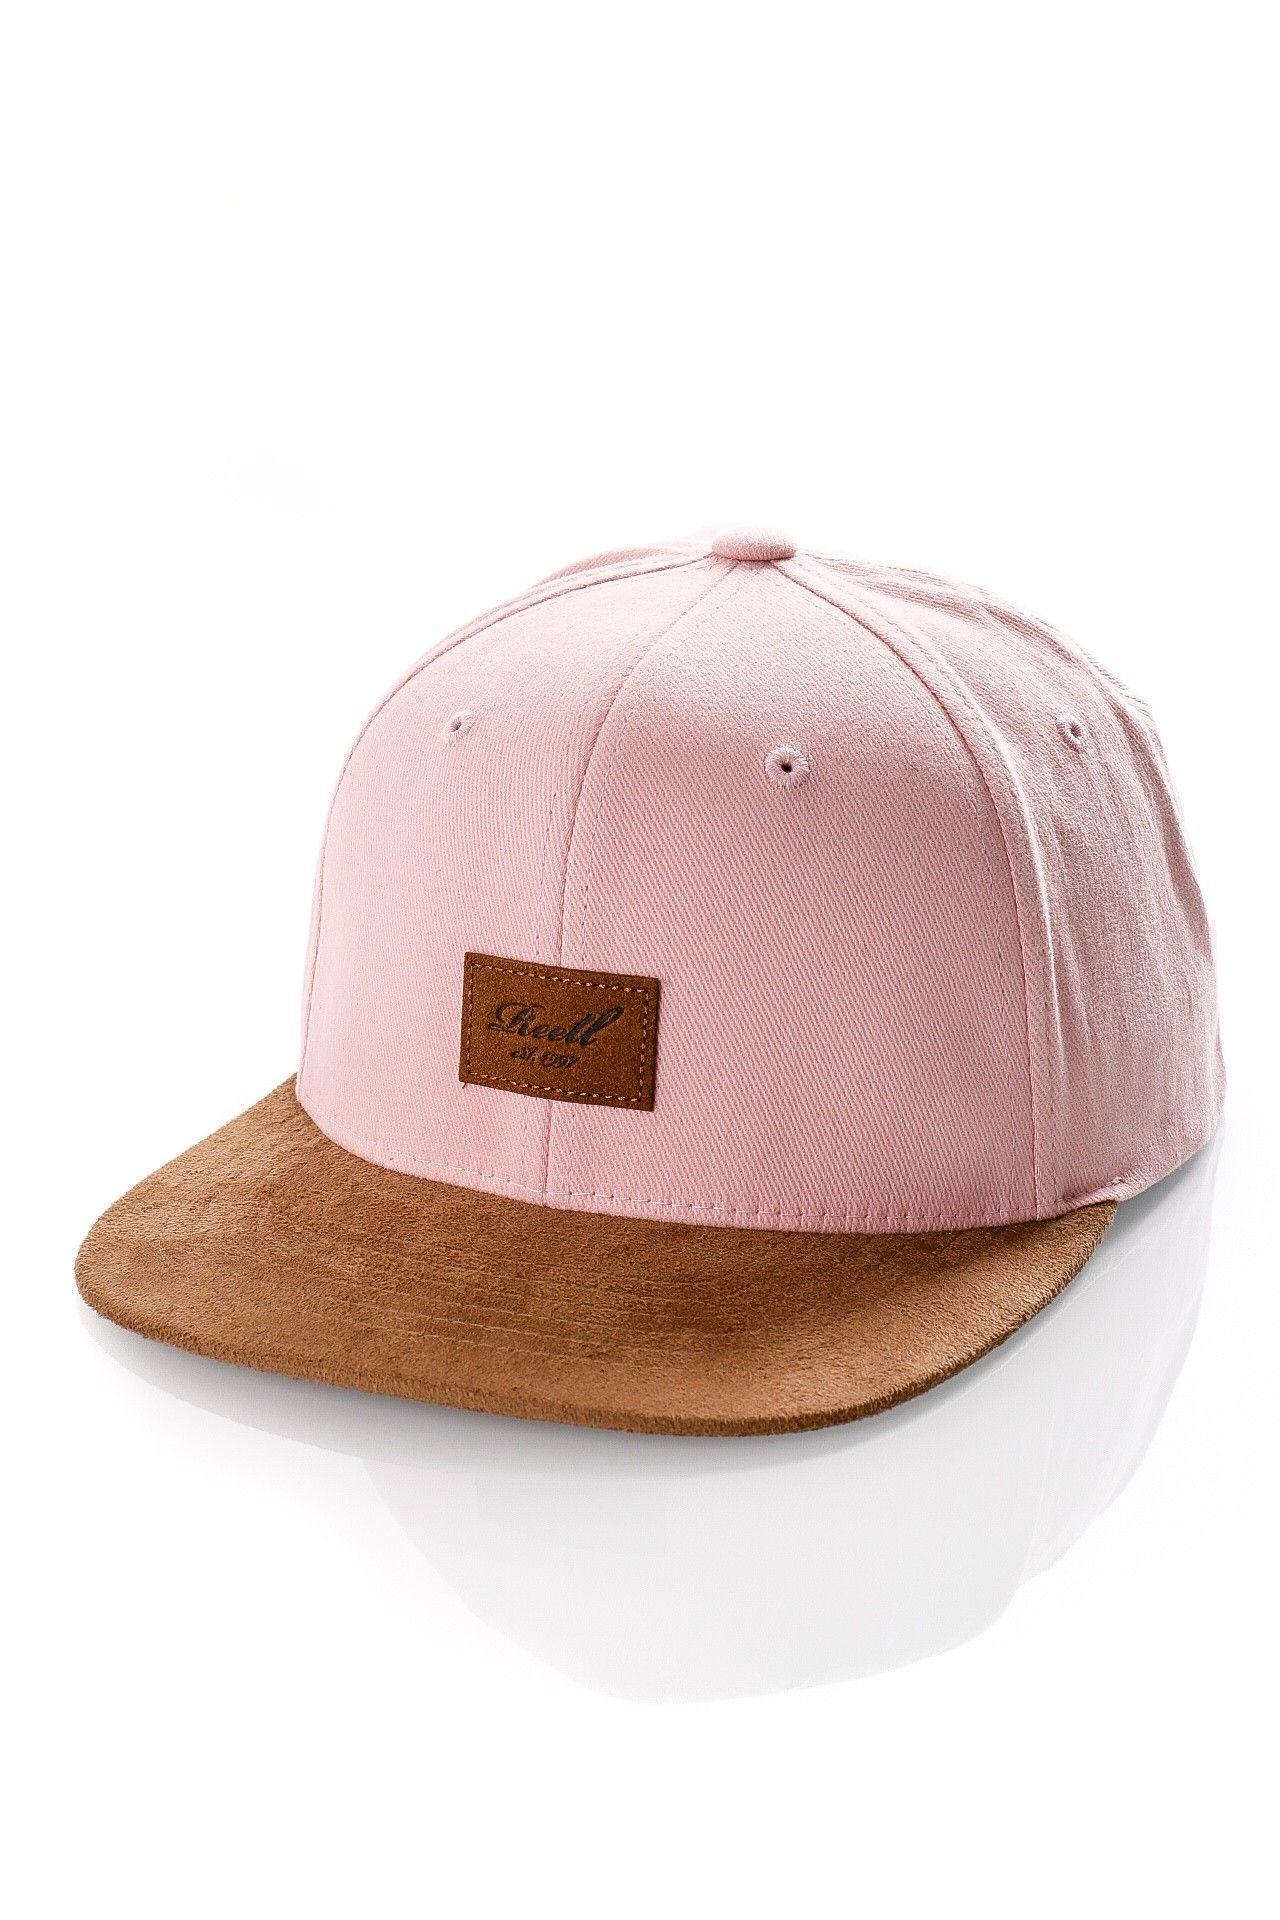 Afbeelding van Reell Snapback cap Suede Cap Dusty Pink 1402-038